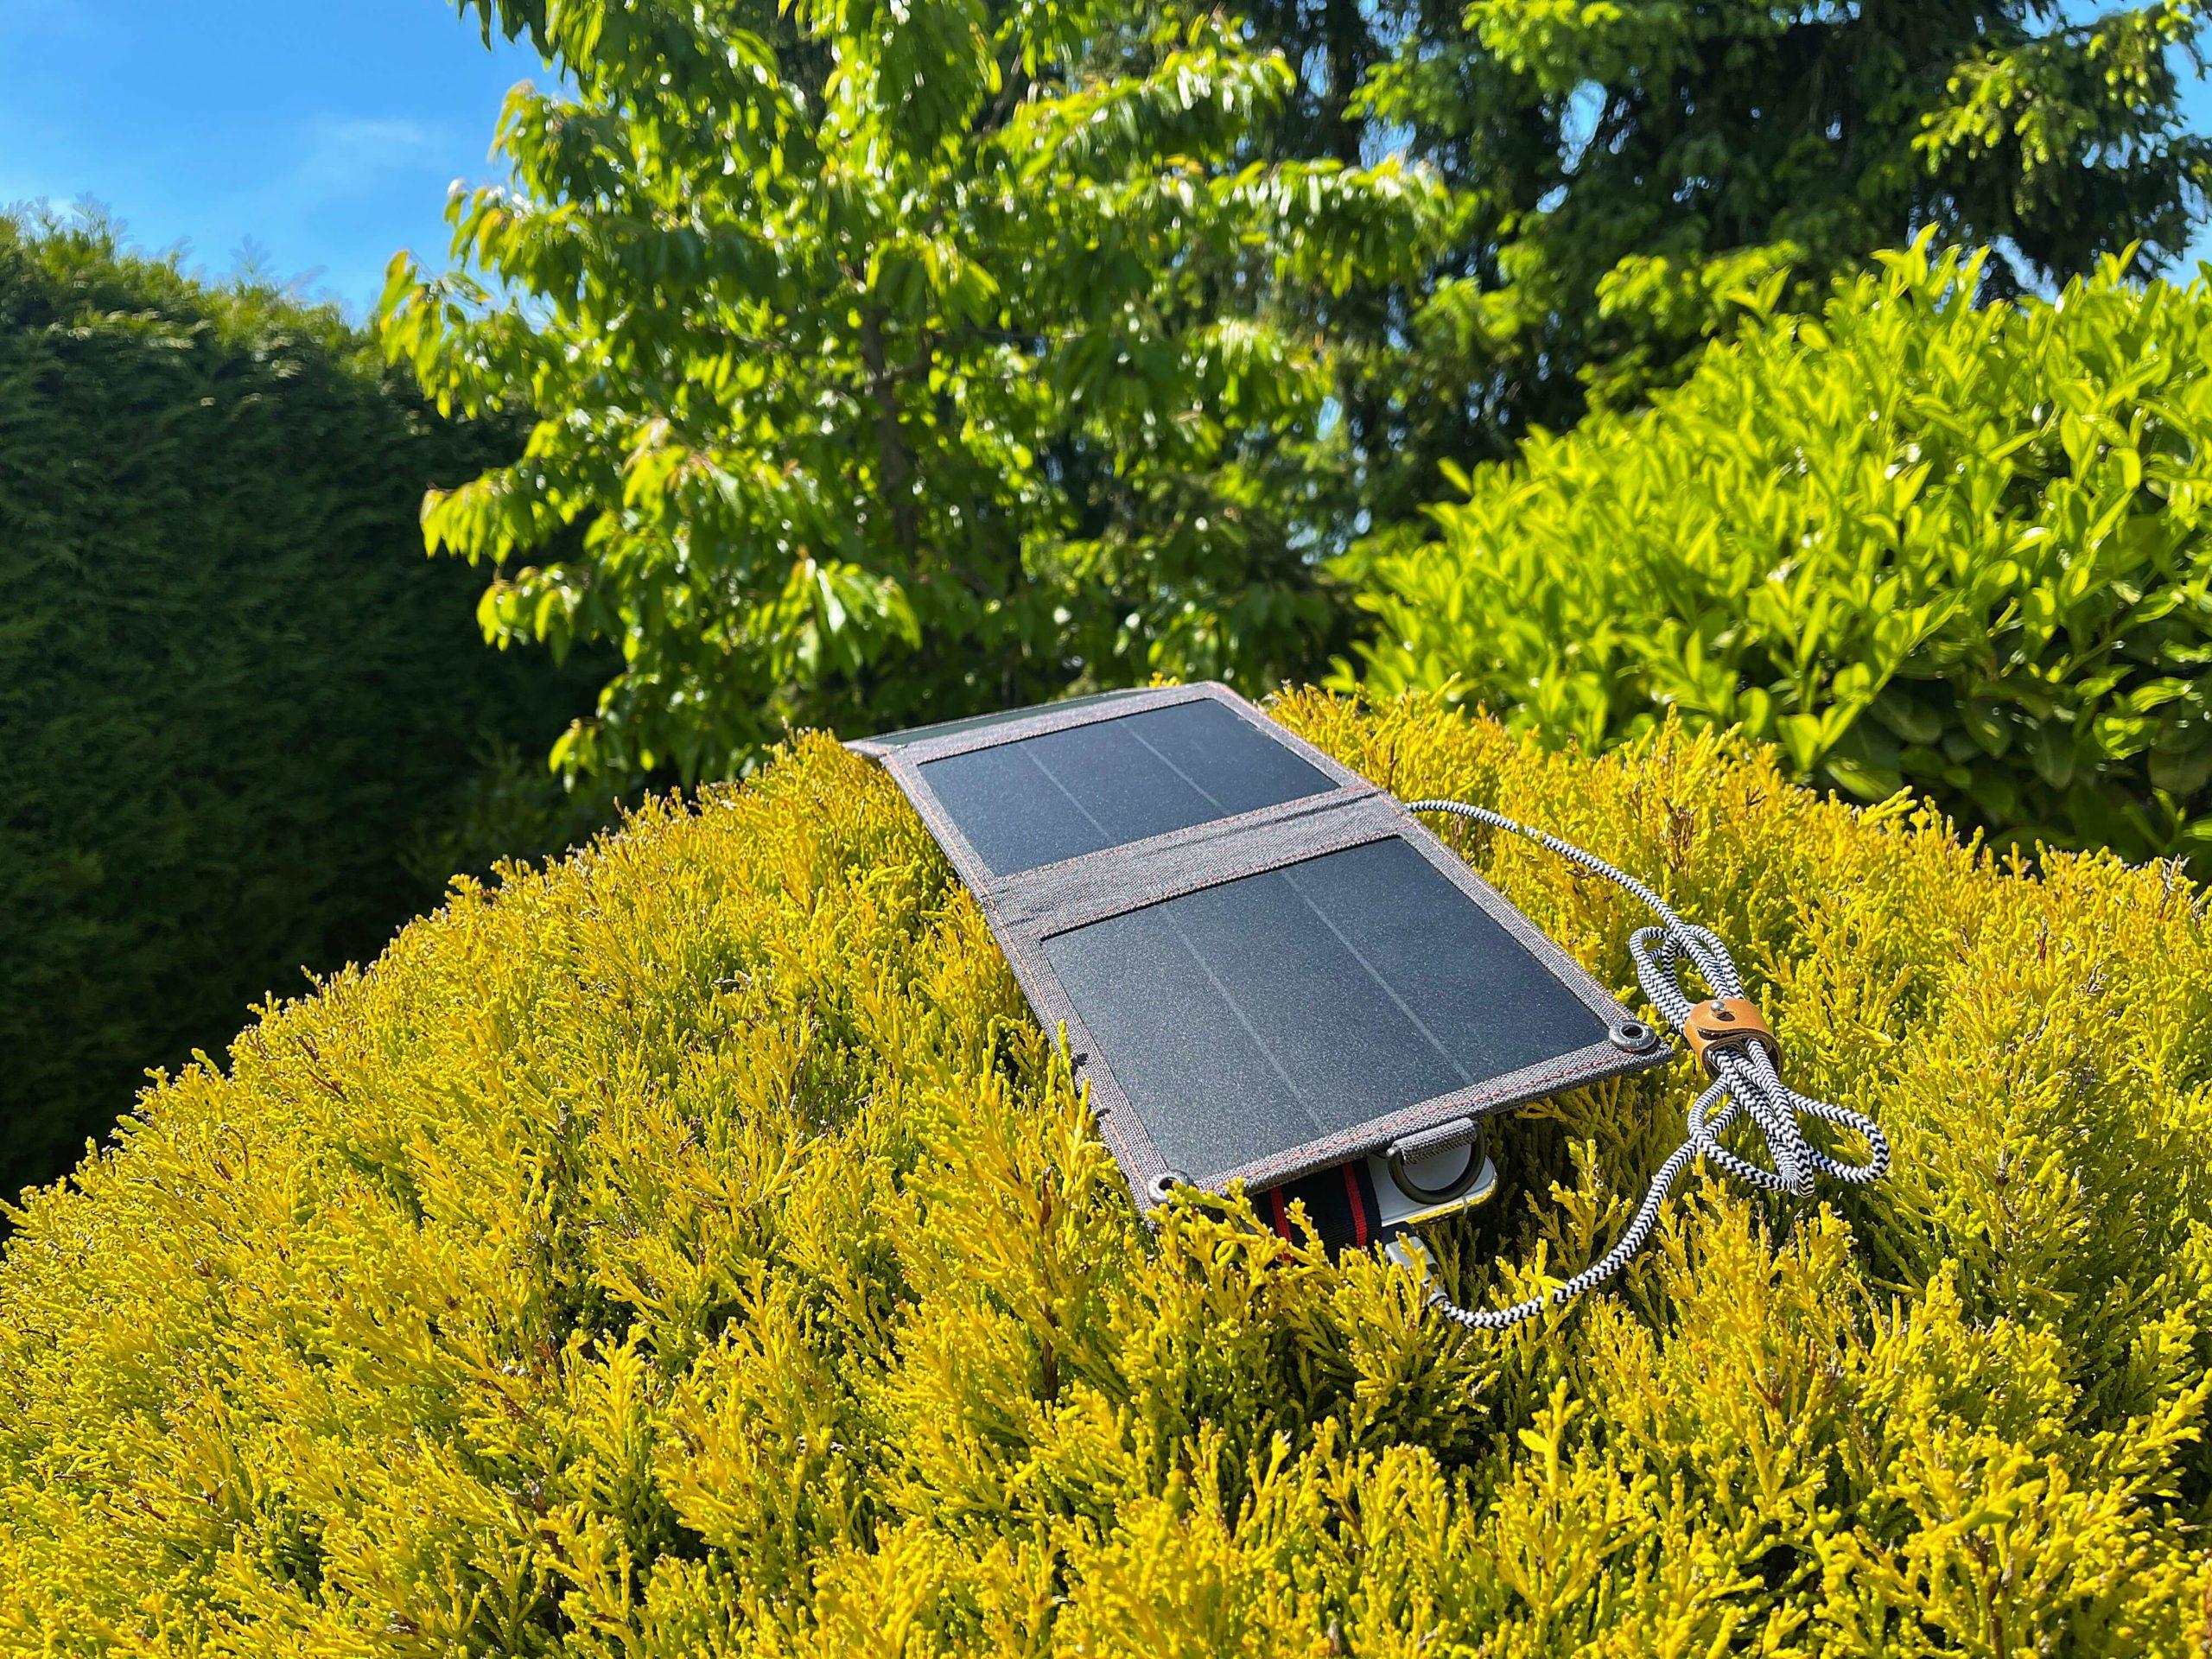 14-Watt-Solarladegeraet-von-Choetech-mit-der-Kraft-der-Sonne-aufladen6-scaled 14 Watt Solarladegerät von Choetech - mit der Kraft der Sonne aufladen